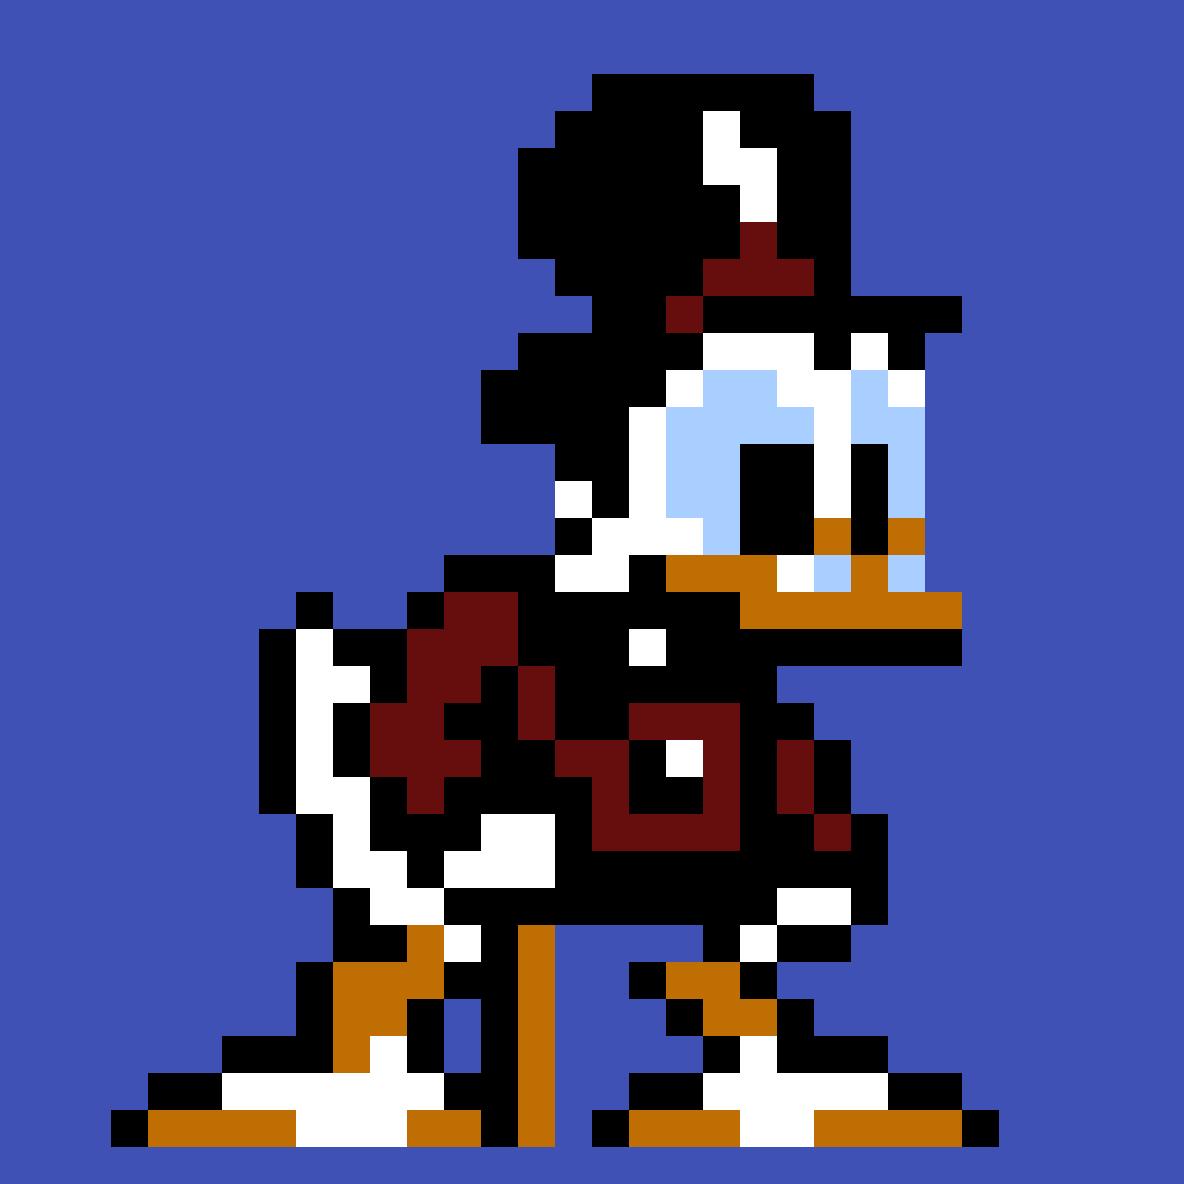 Duck Tales 8-bit Pixel Art By Pattison